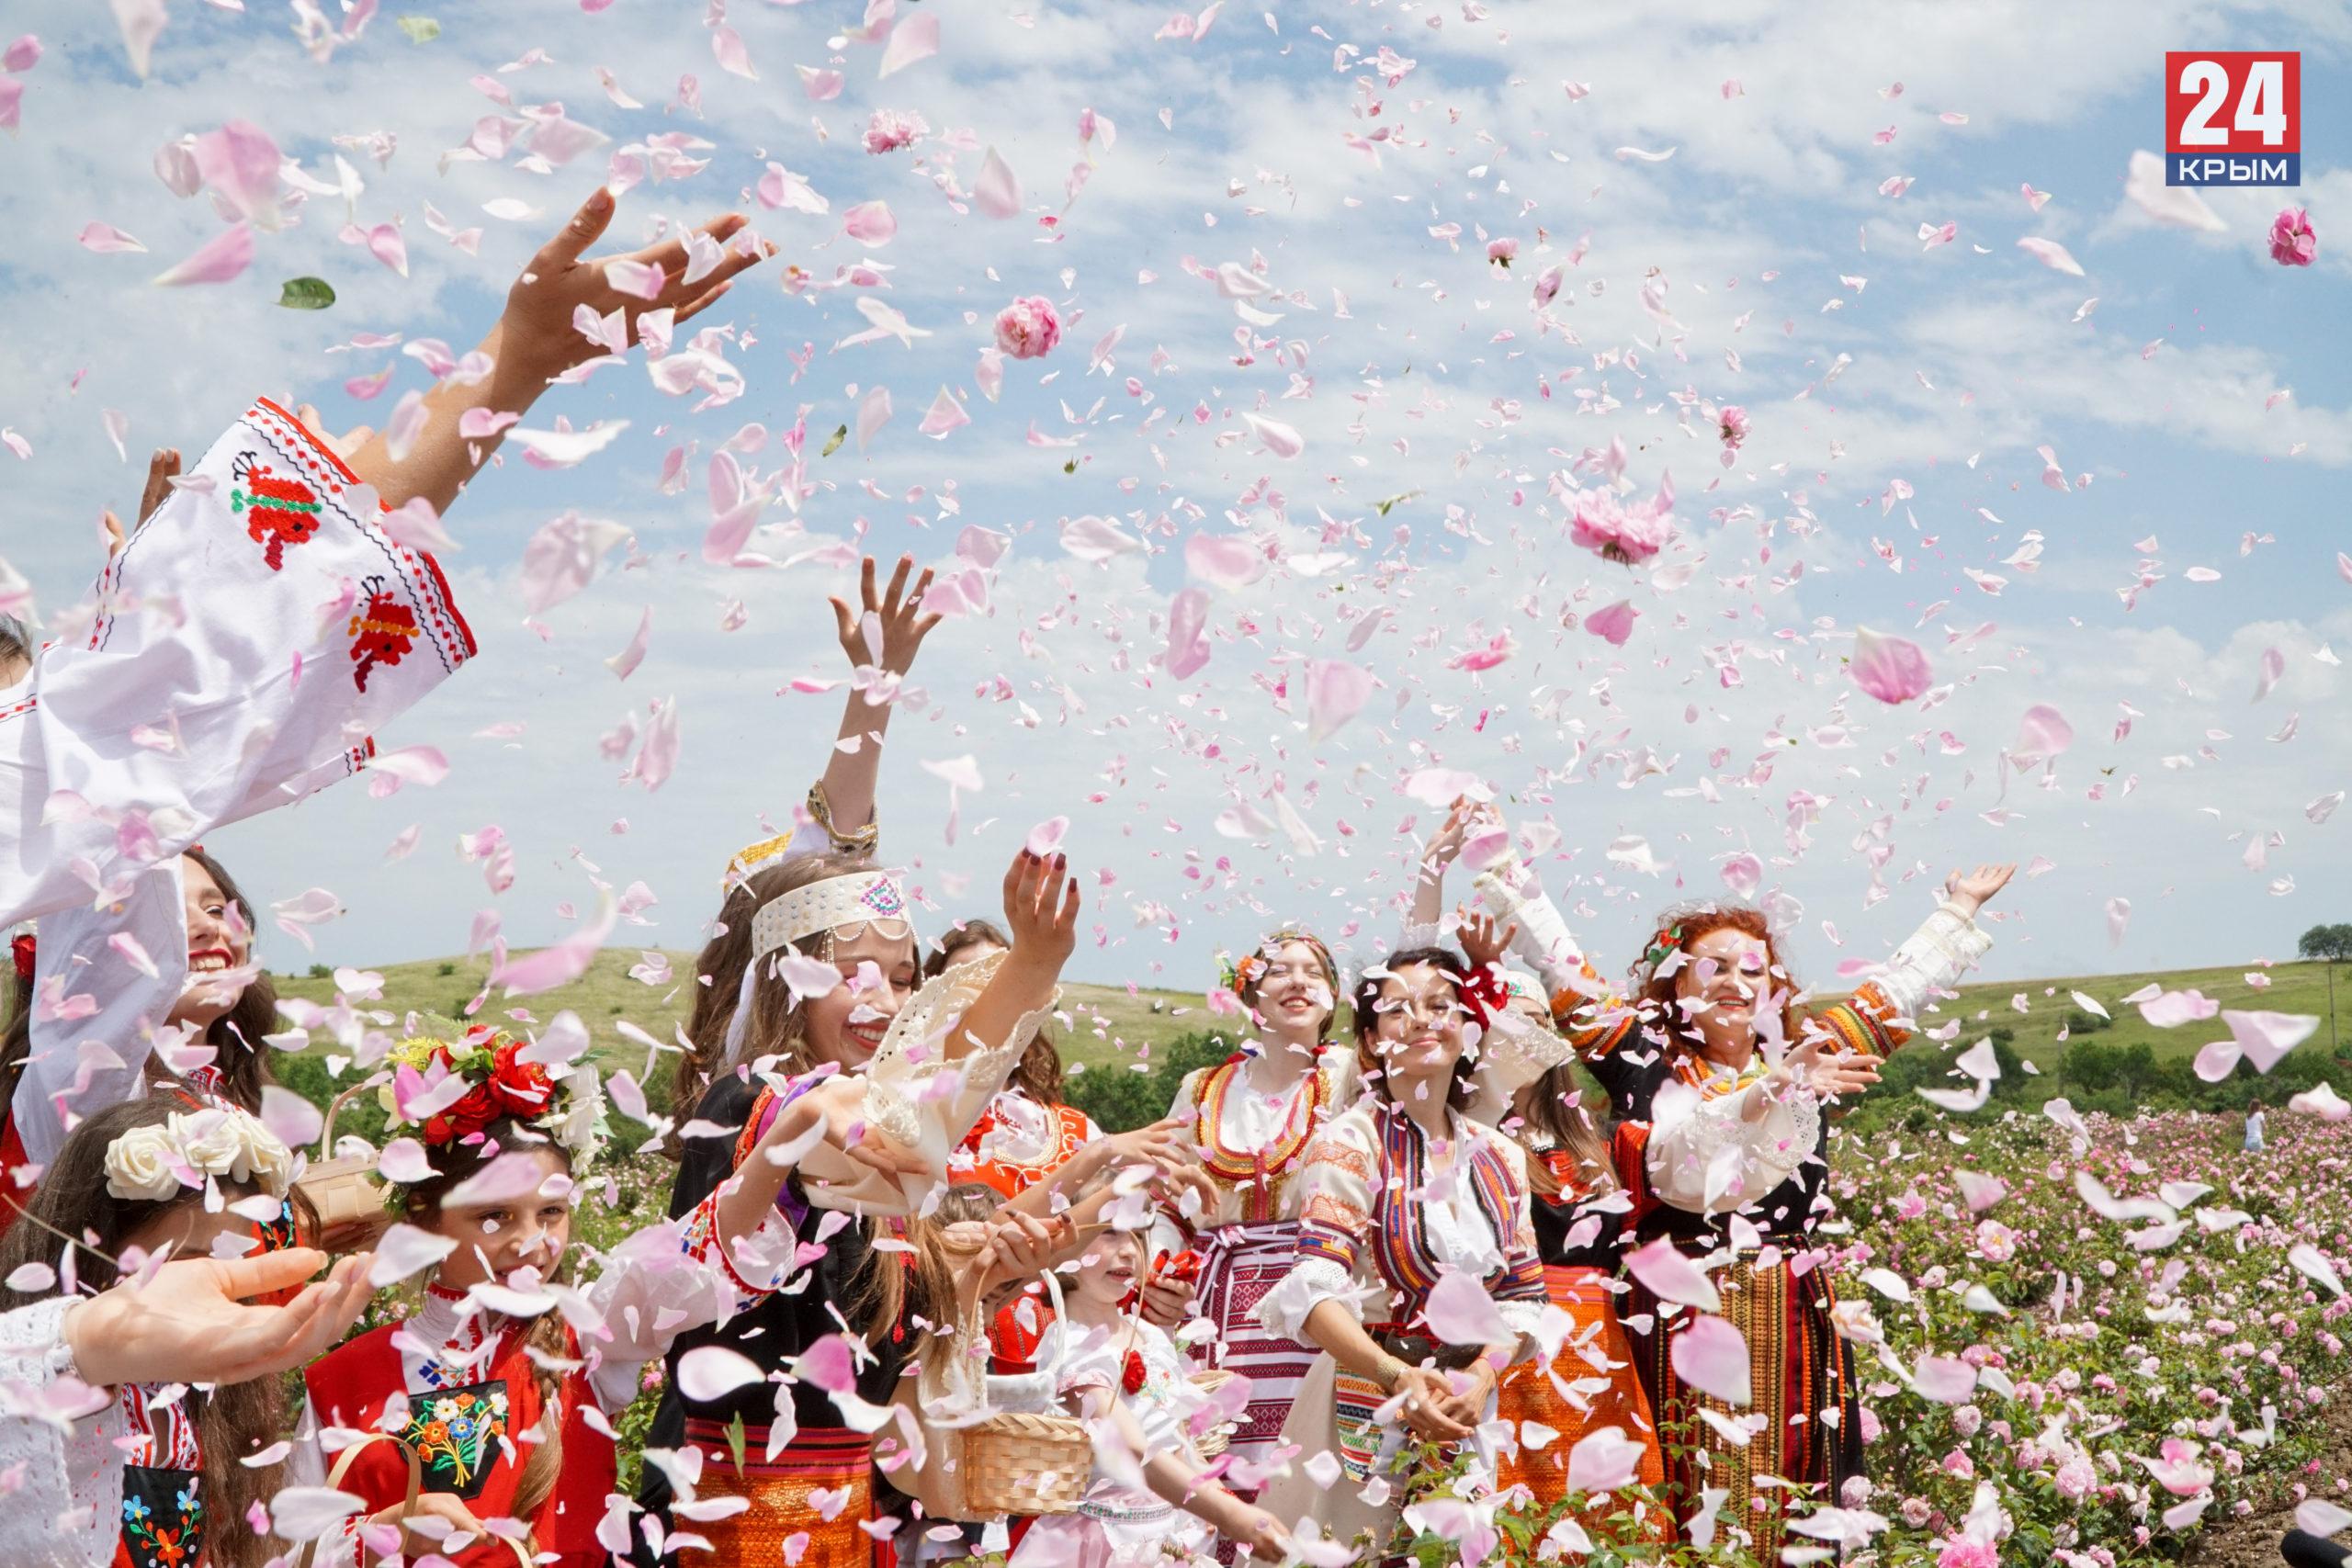 Болгарский «эфиромасличный» фестиваль «Розафест» стартовал в Крыму. Фоторепортаж